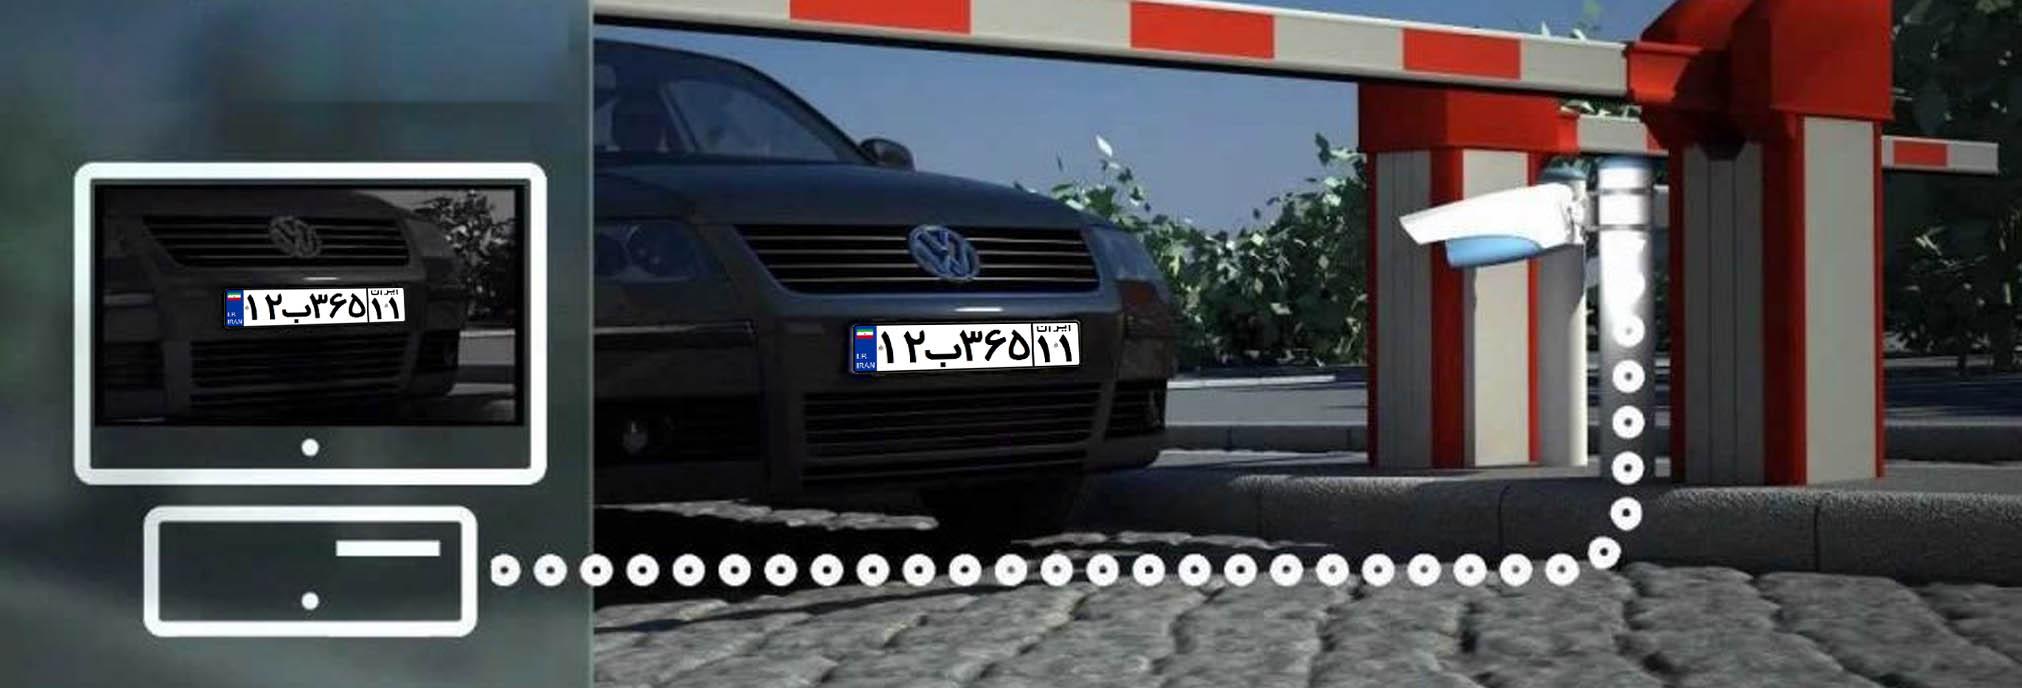 دقت بسیار بالا در تشخیص پلاک خودرو